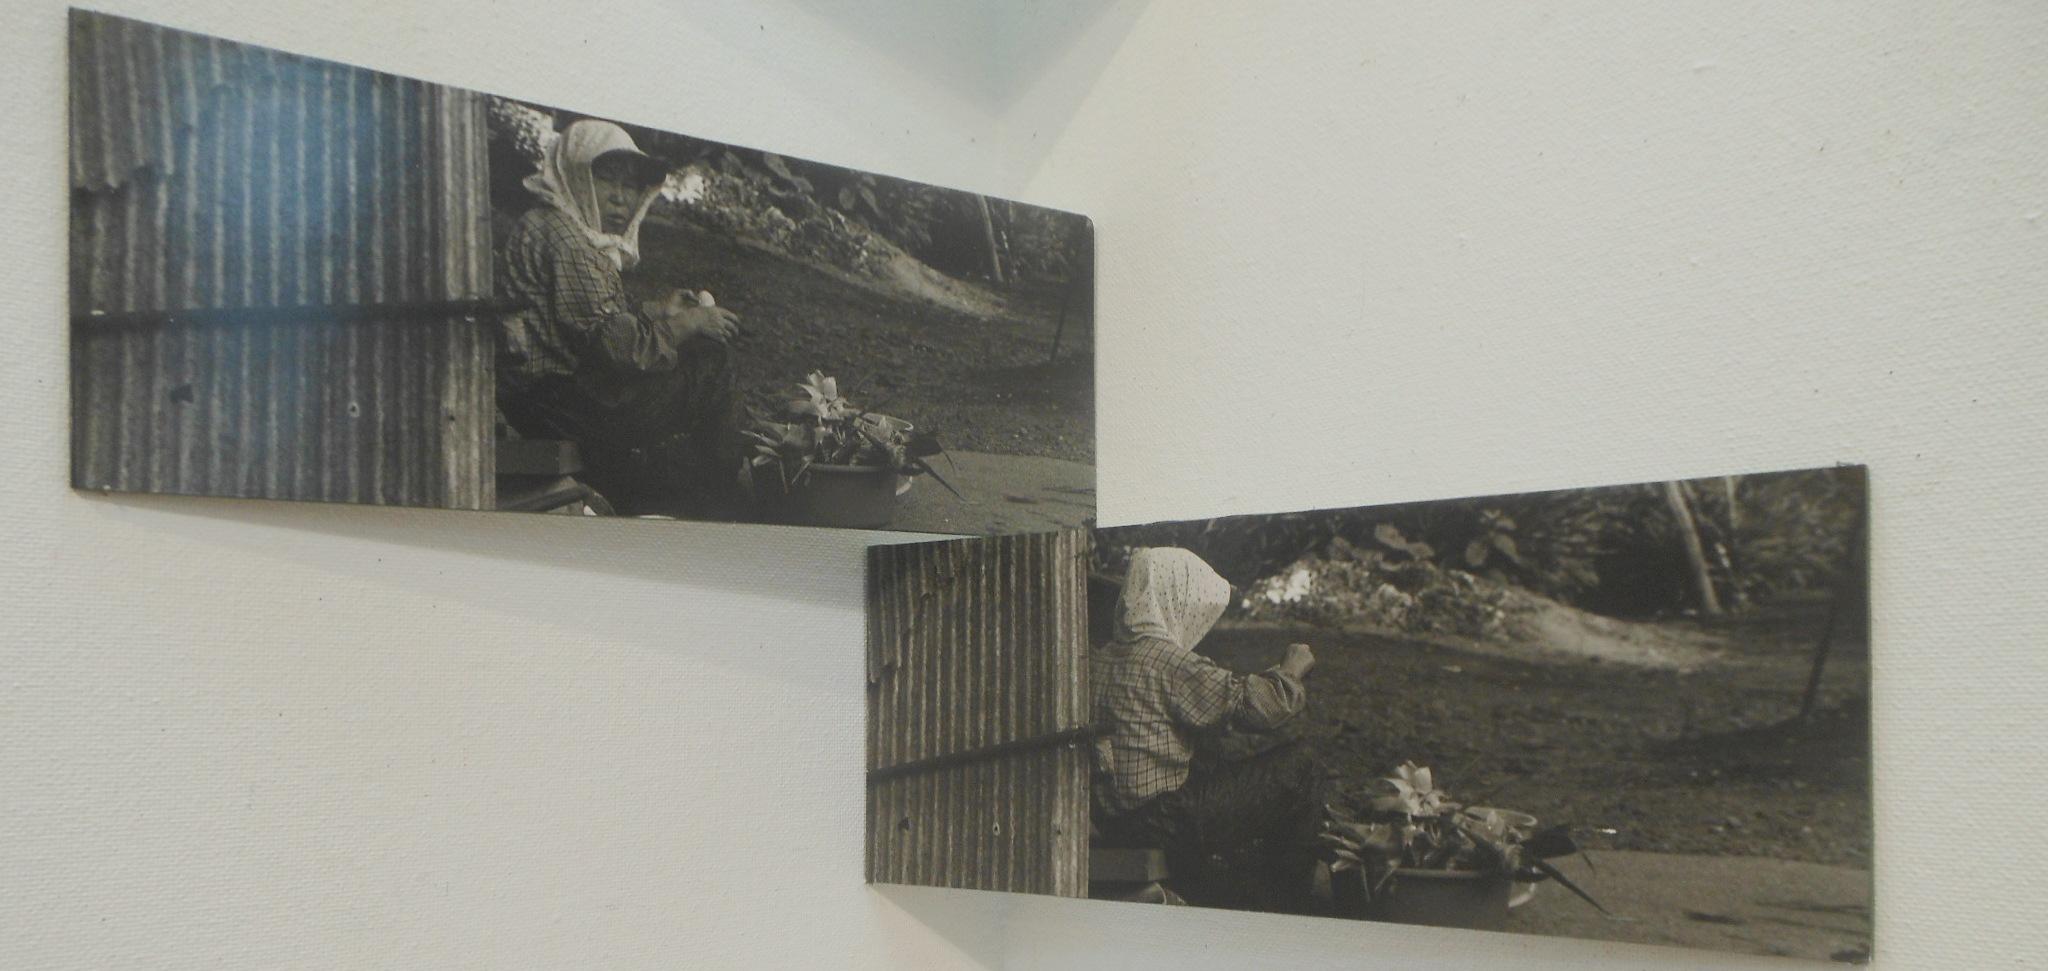 1807)①「室蘭工業大学写真部・五人展 『変化はいつも・・・』」 市民ギャラリー 9月17日(火)~9月23日(日)_f0126829_952462.jpg